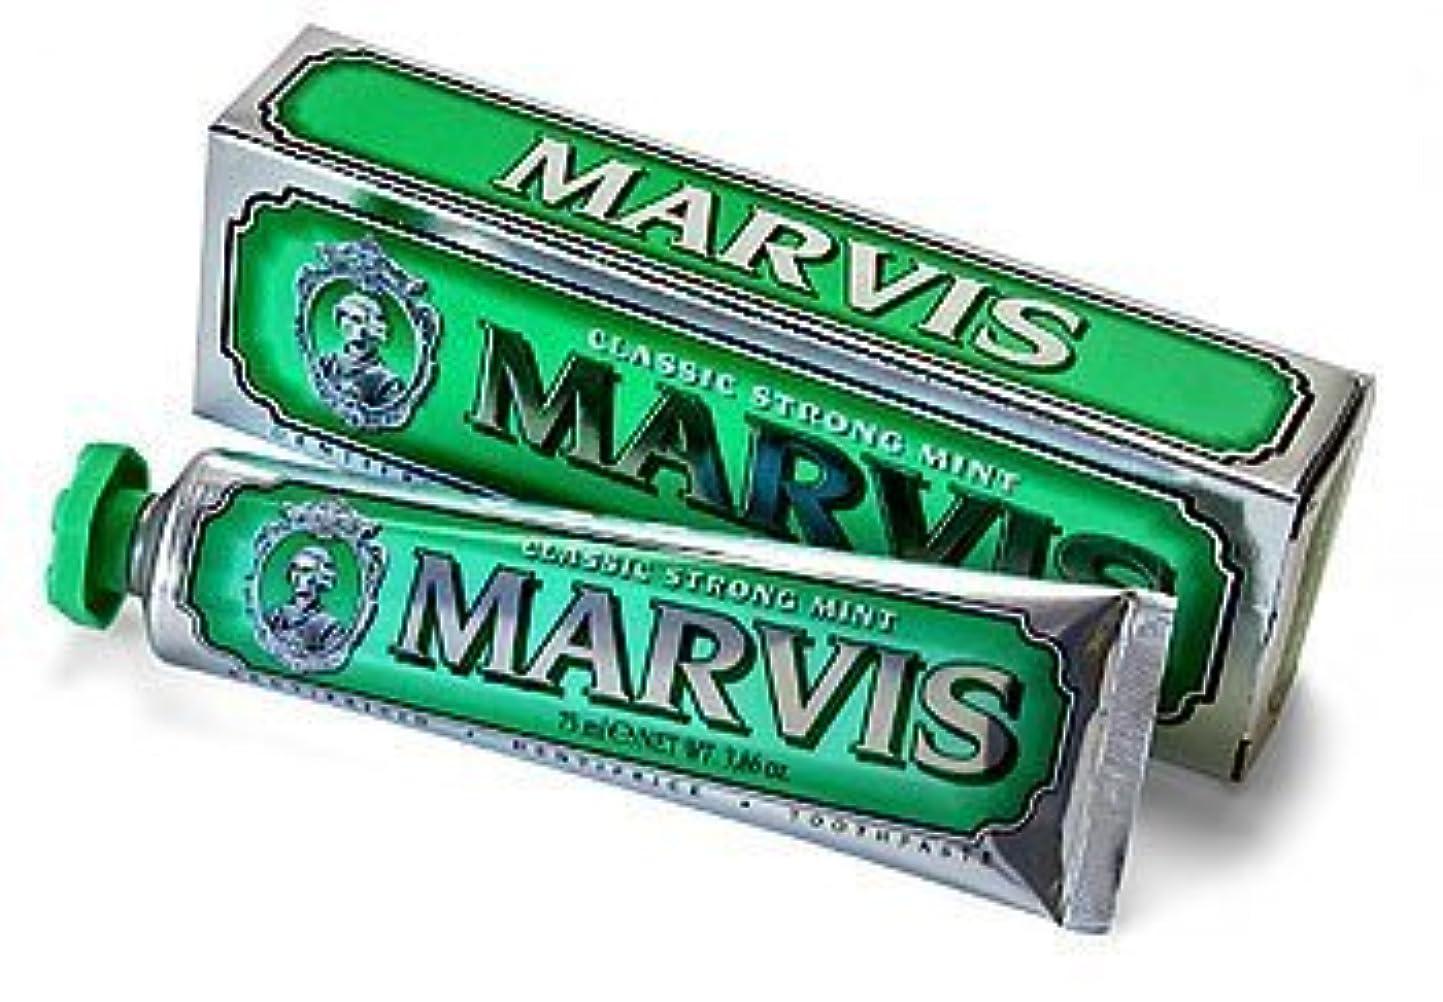 ベーコン抜け目がない俳句Marvis Classic Strong Mint Toothpaste - 75ml by Marvis [並行輸入品]